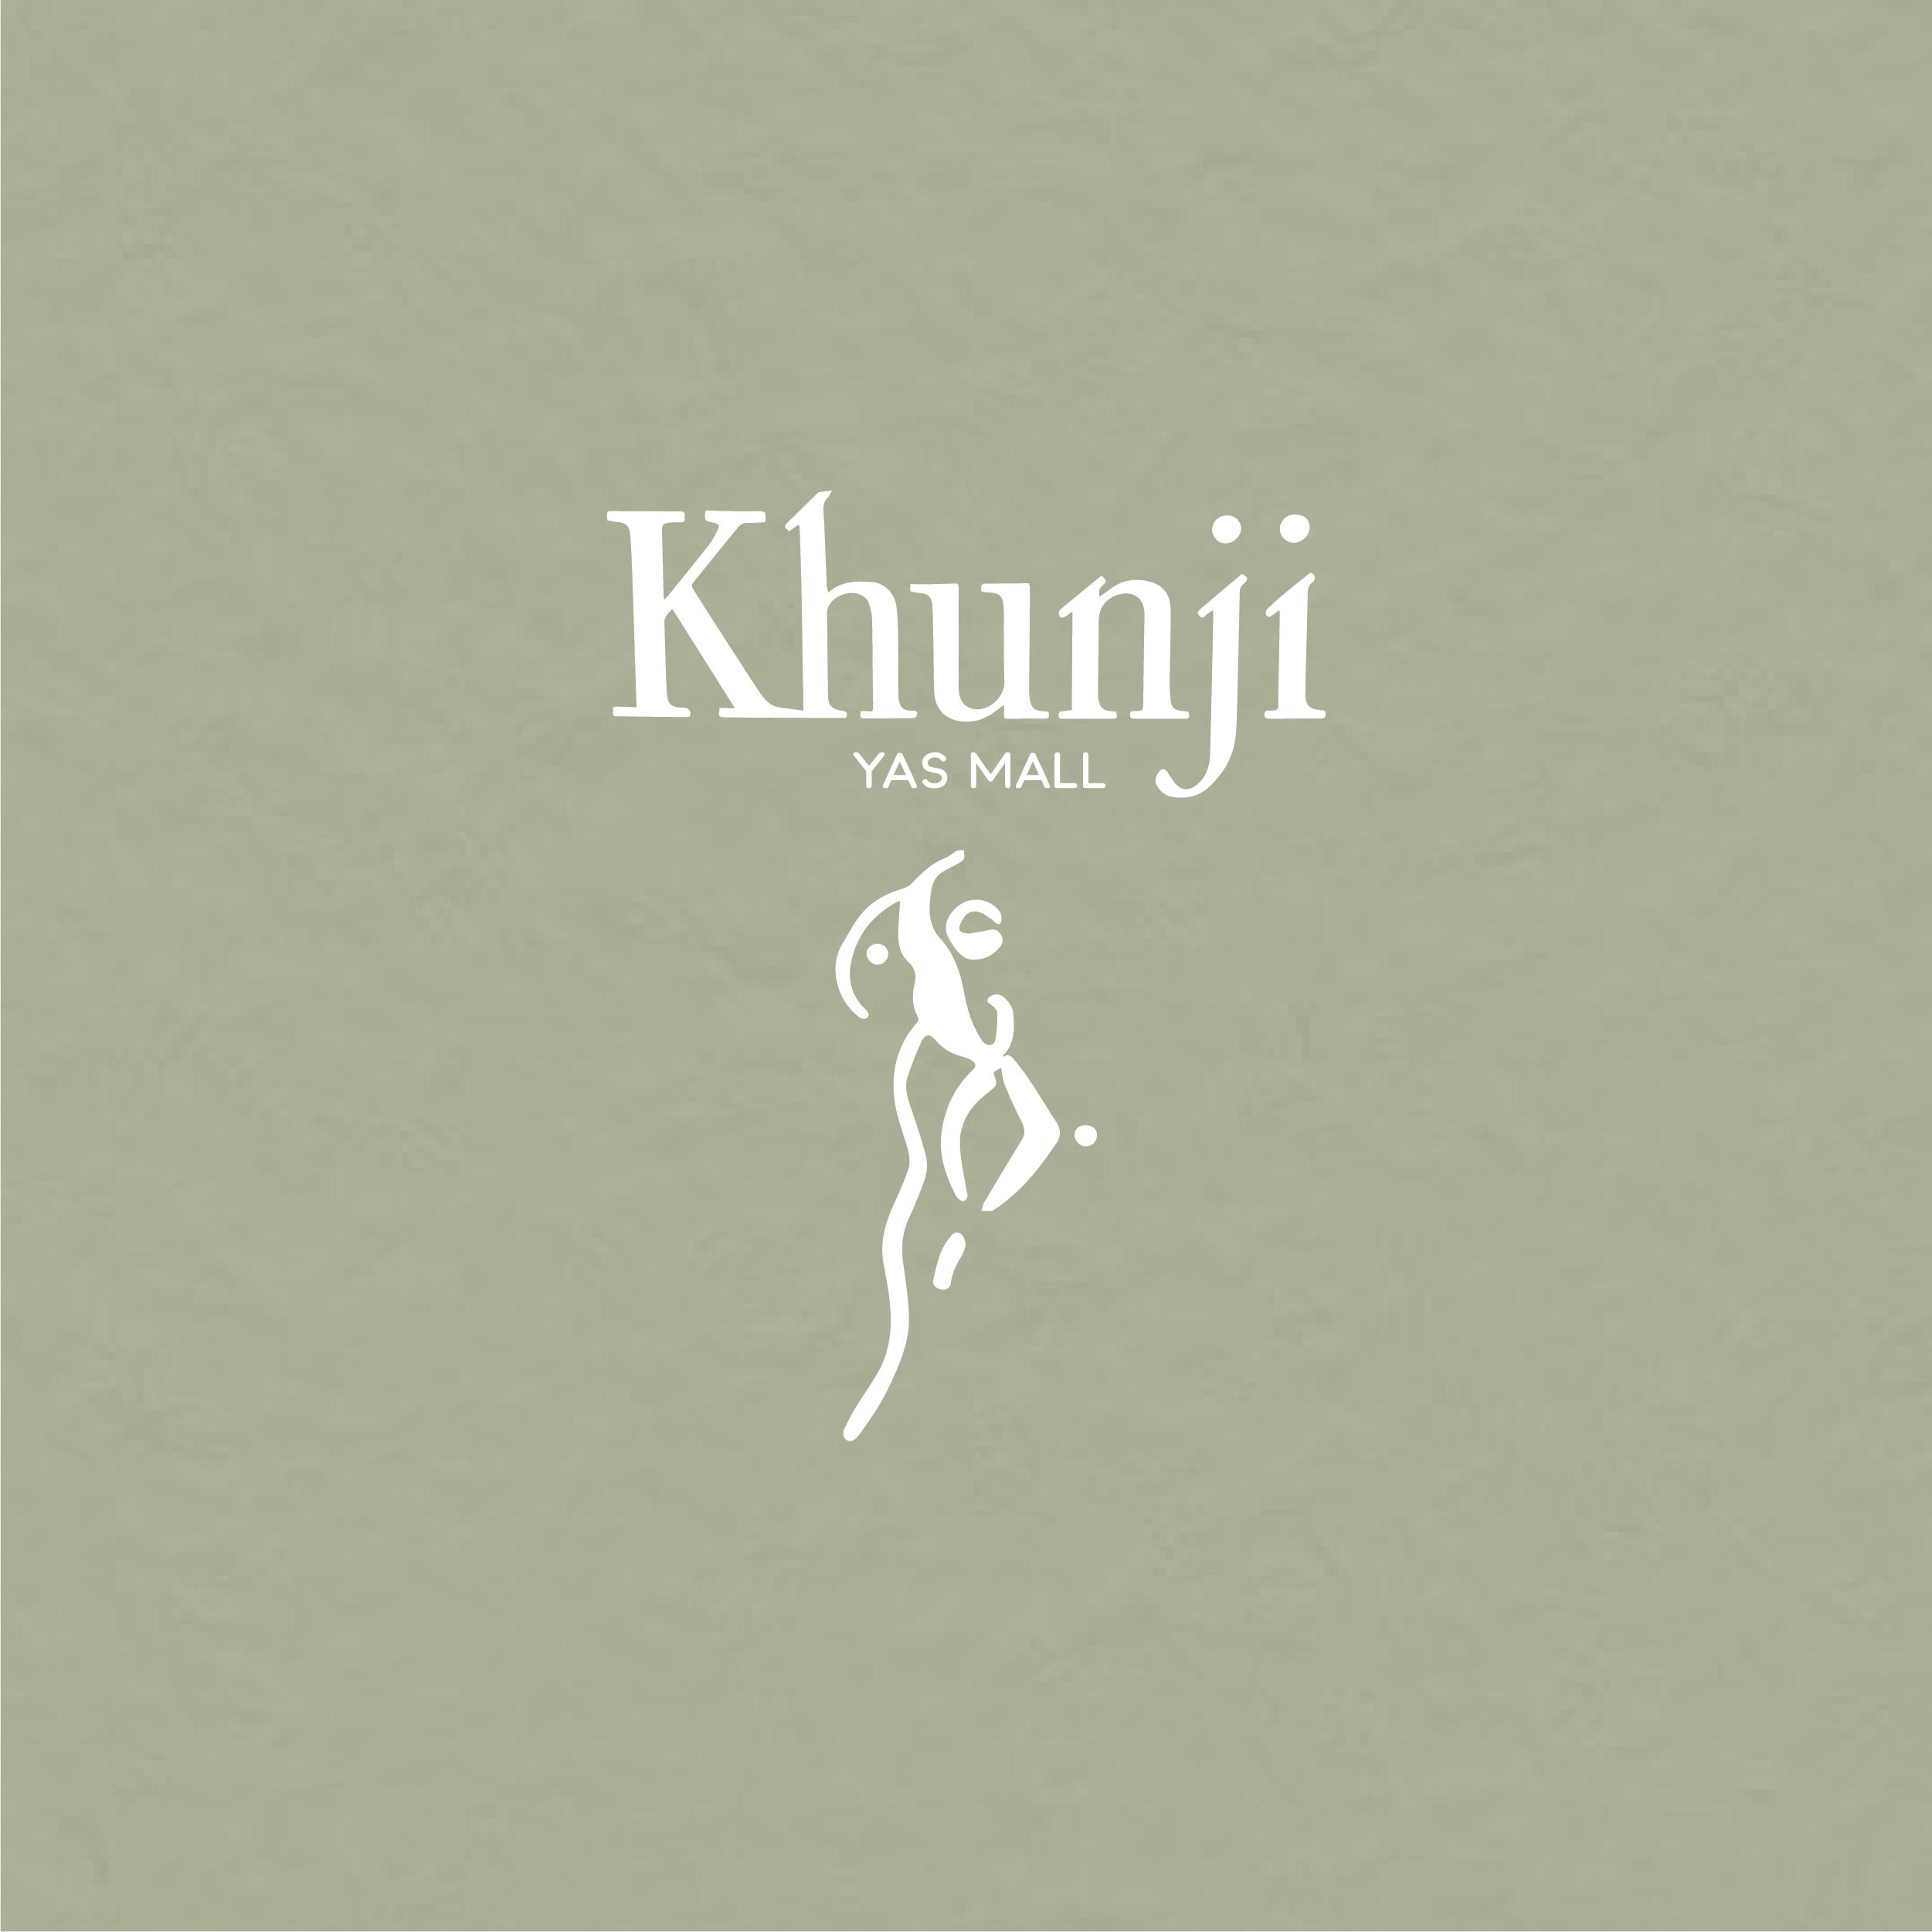 khunji